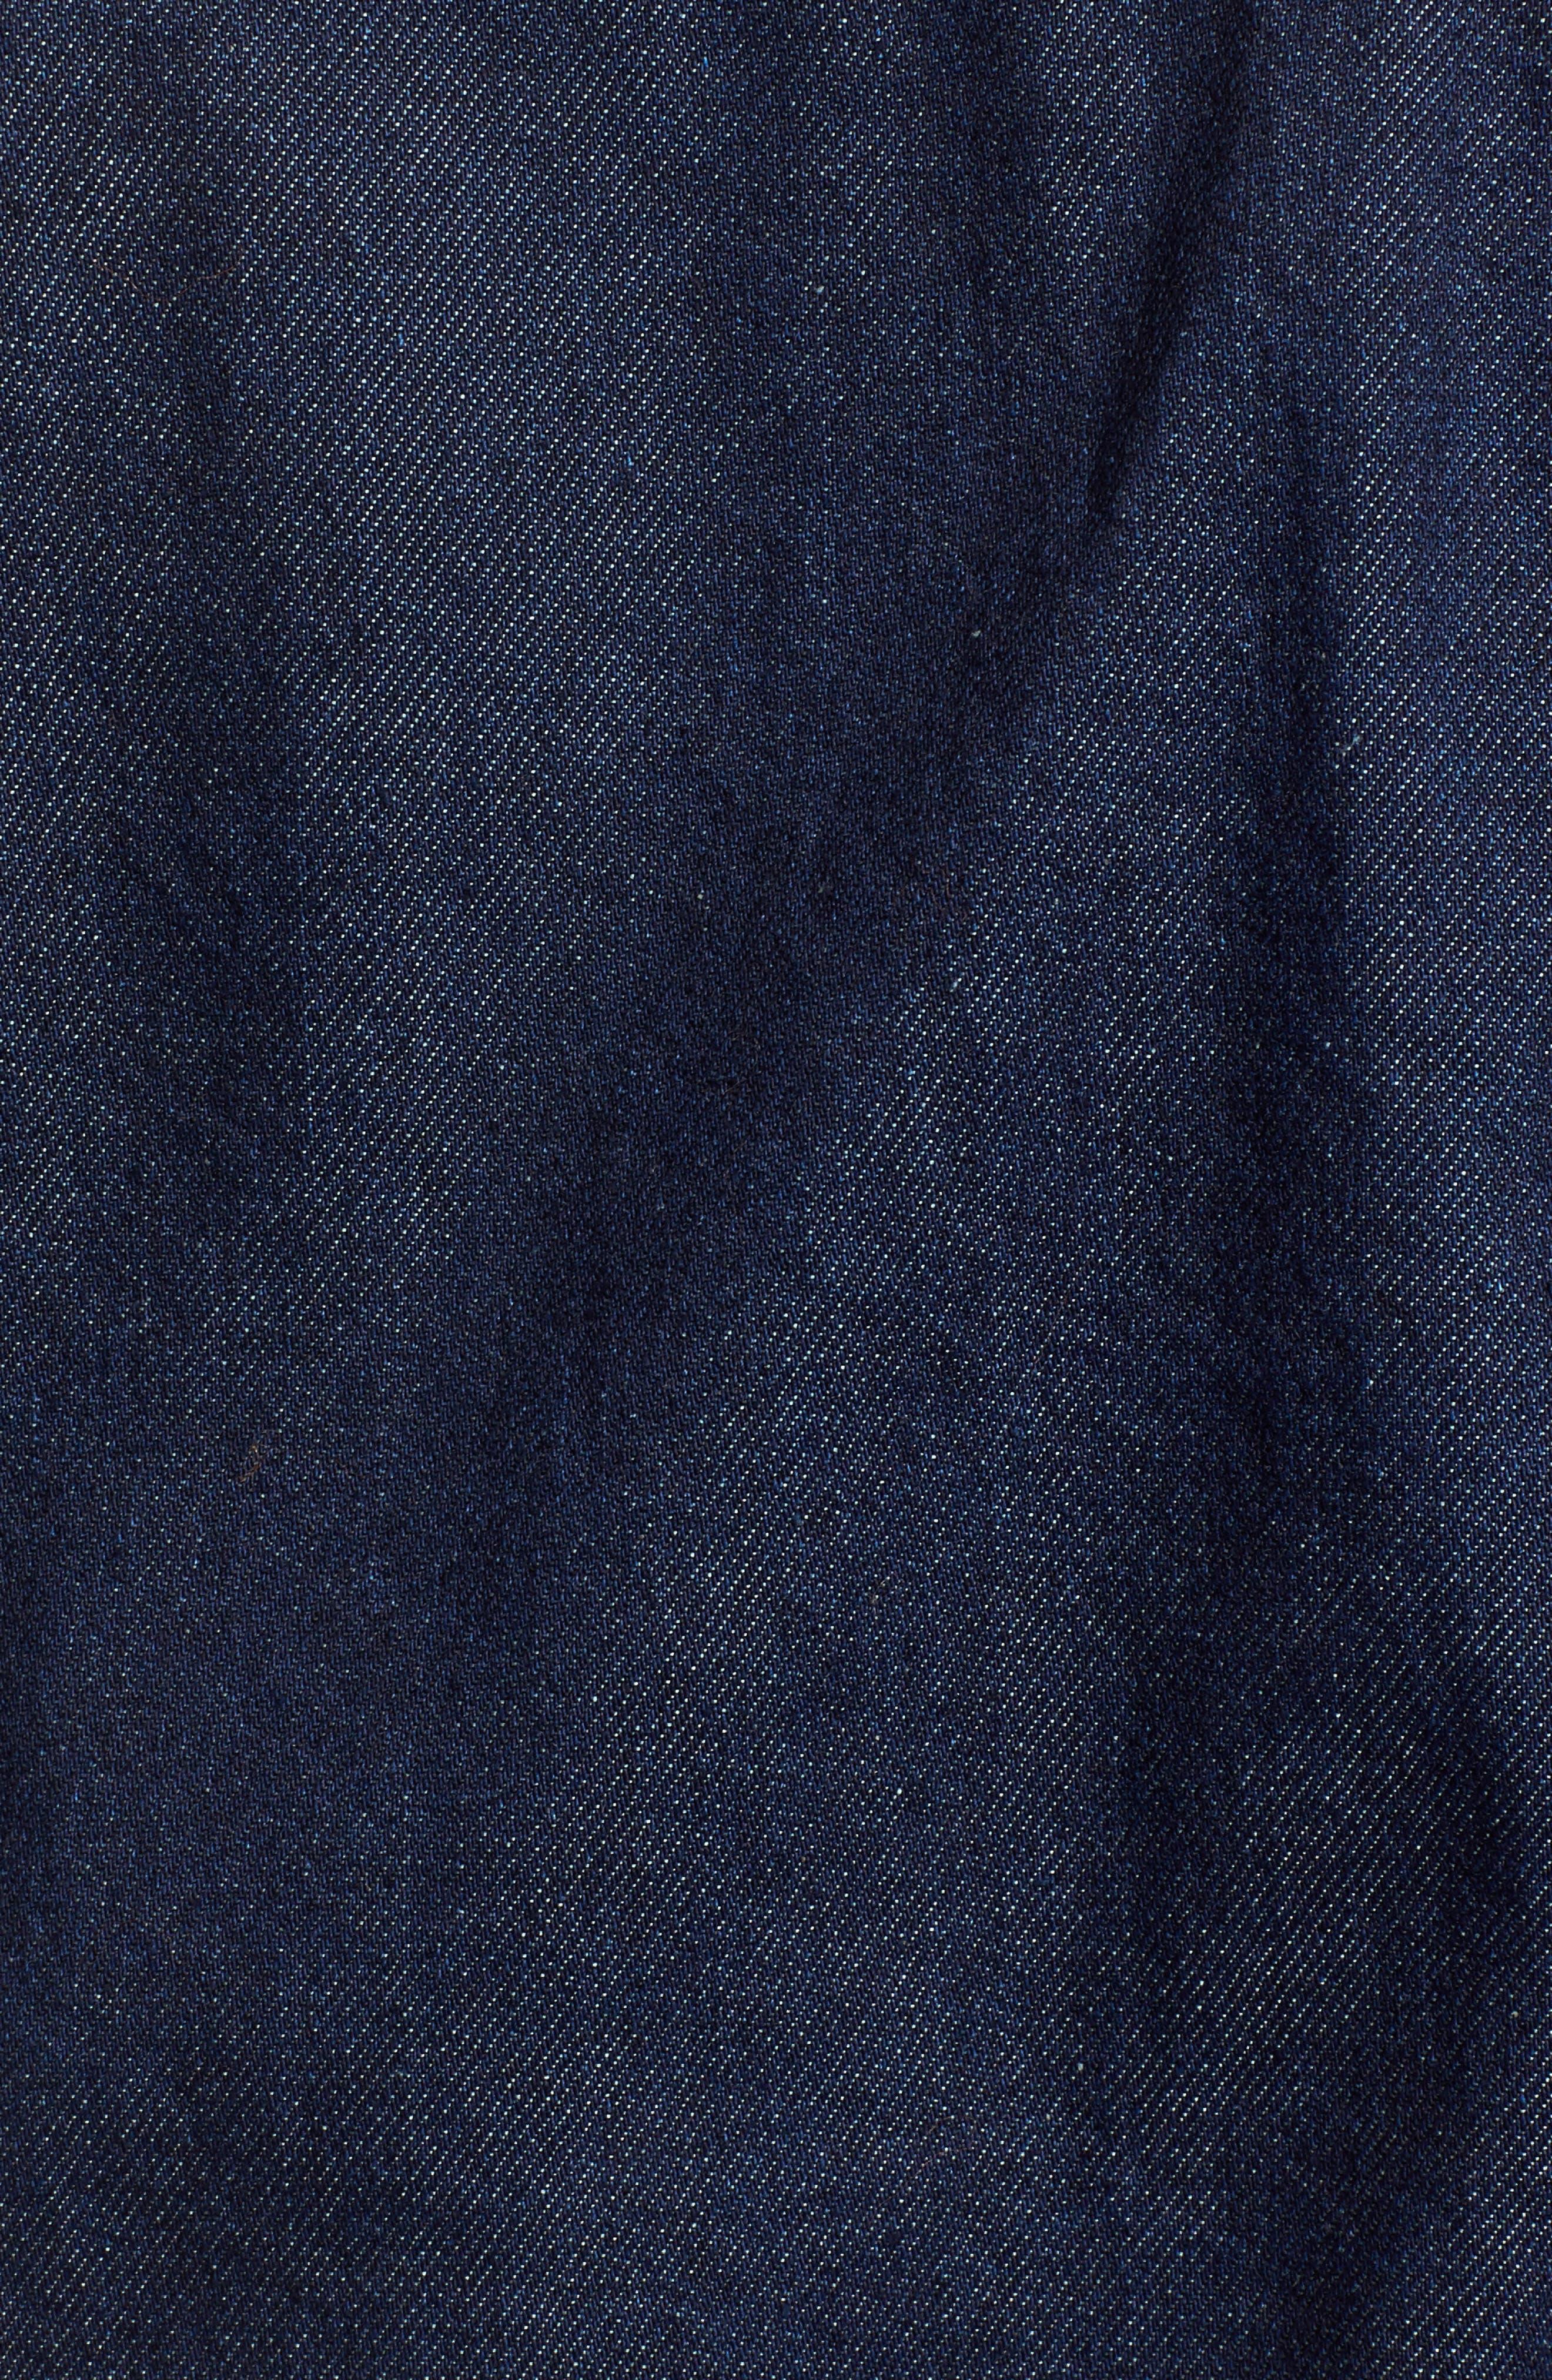 Tilda Faux Fur Trim Denim Jacket,                             Alternate thumbnail 6, color,                             402